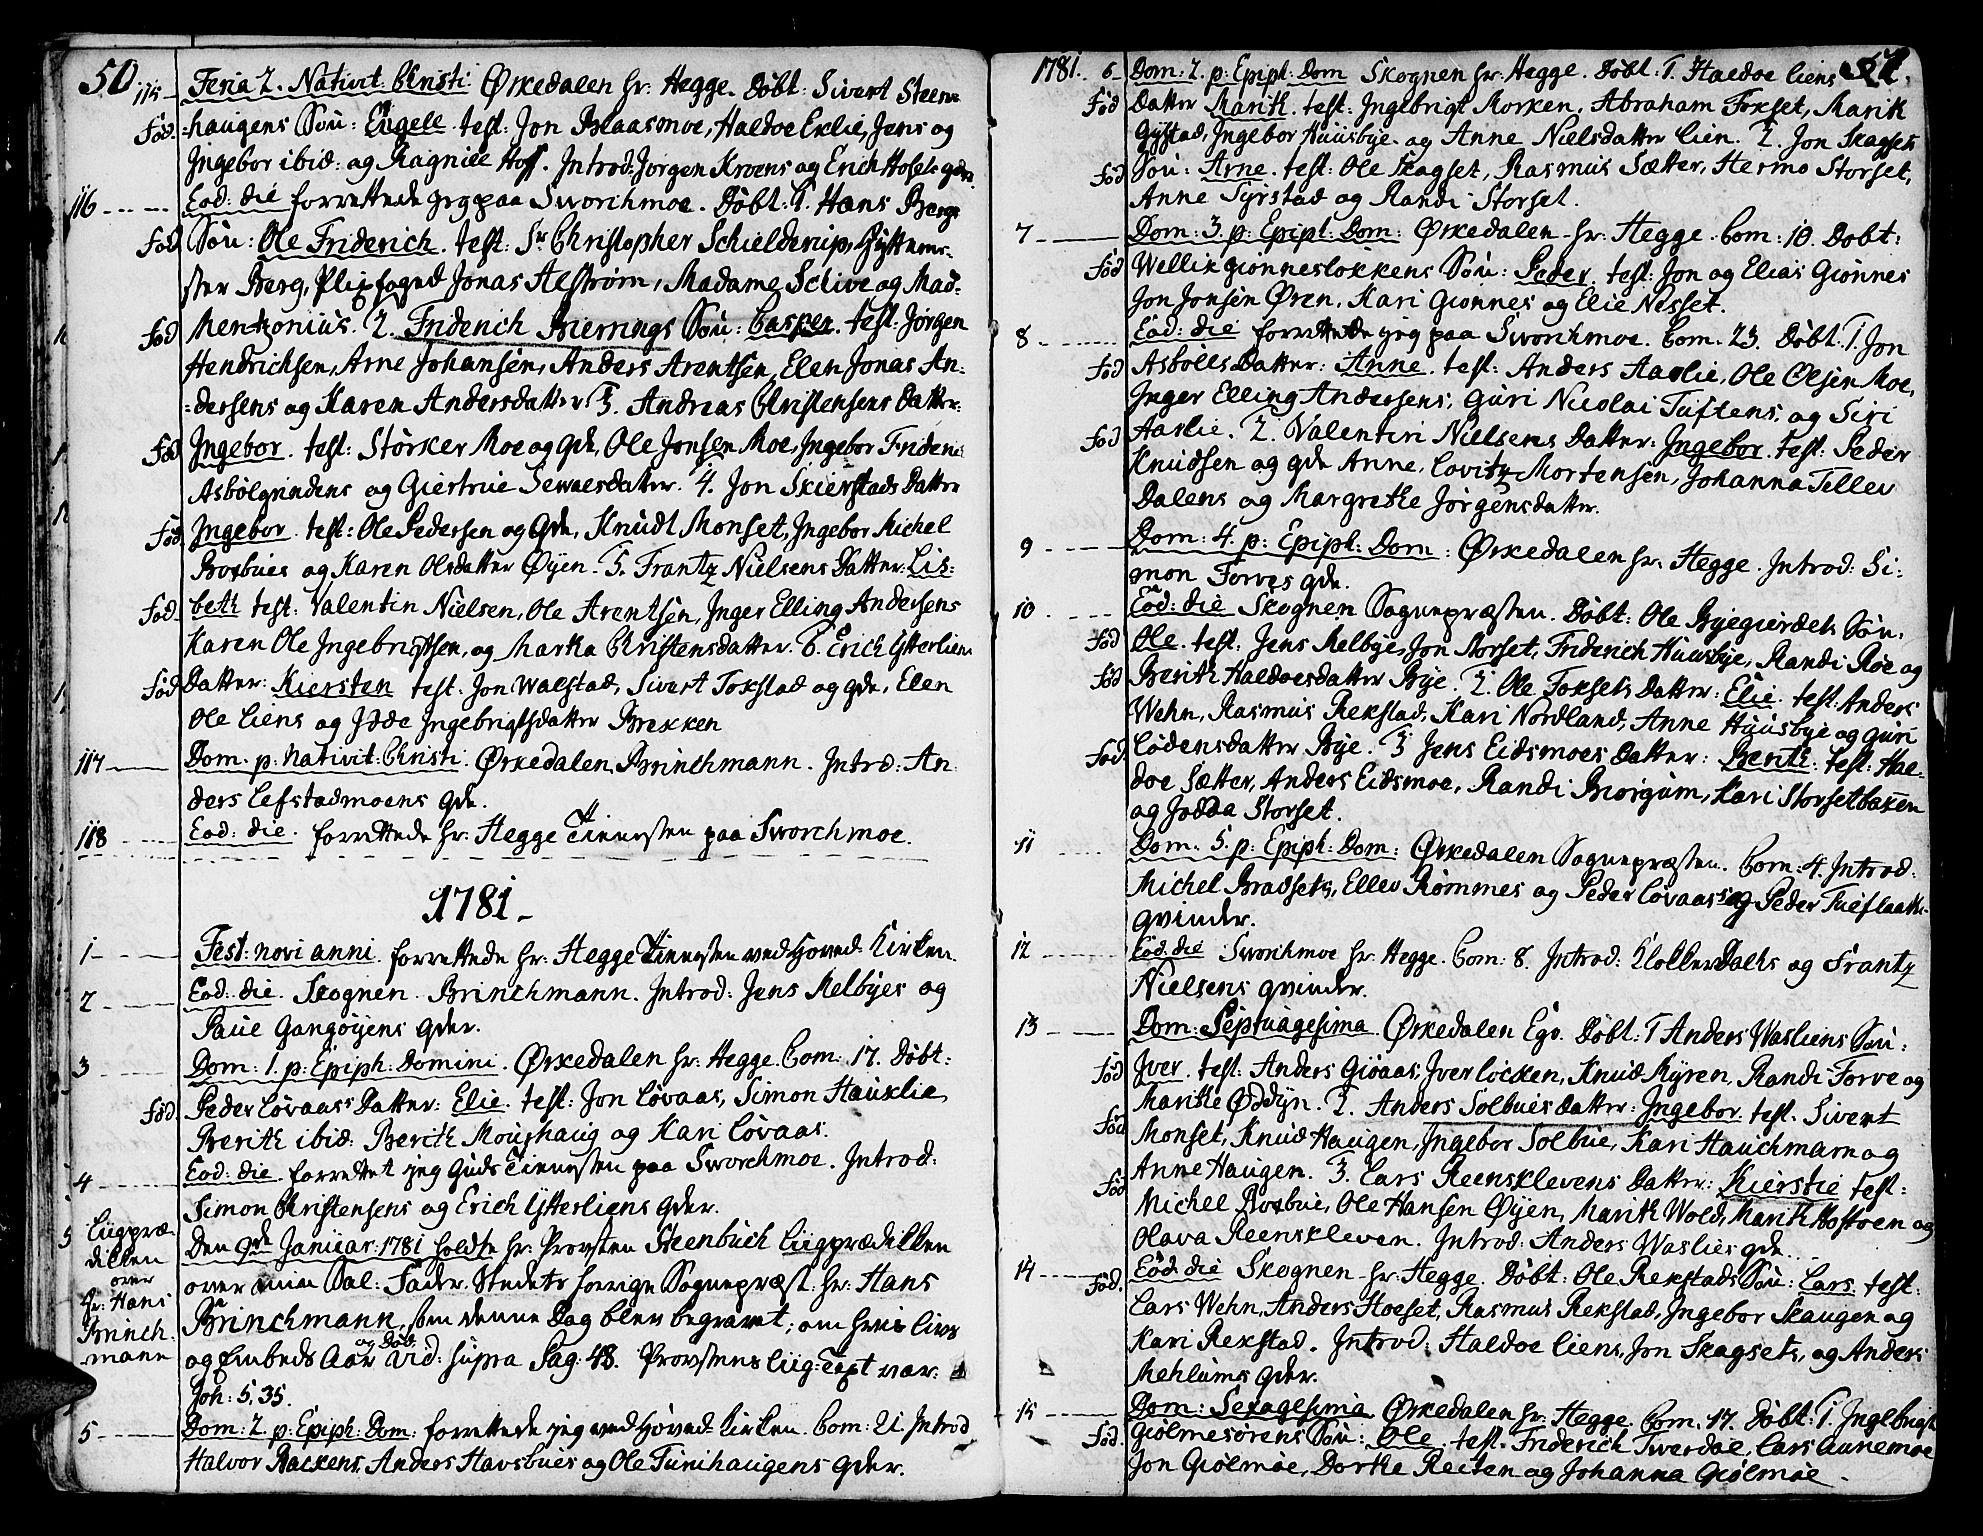 SAT, Ministerialprotokoller, klokkerbøker og fødselsregistre - Sør-Trøndelag, 668/L0802: Ministerialbok nr. 668A02, 1776-1799, s. 50-51